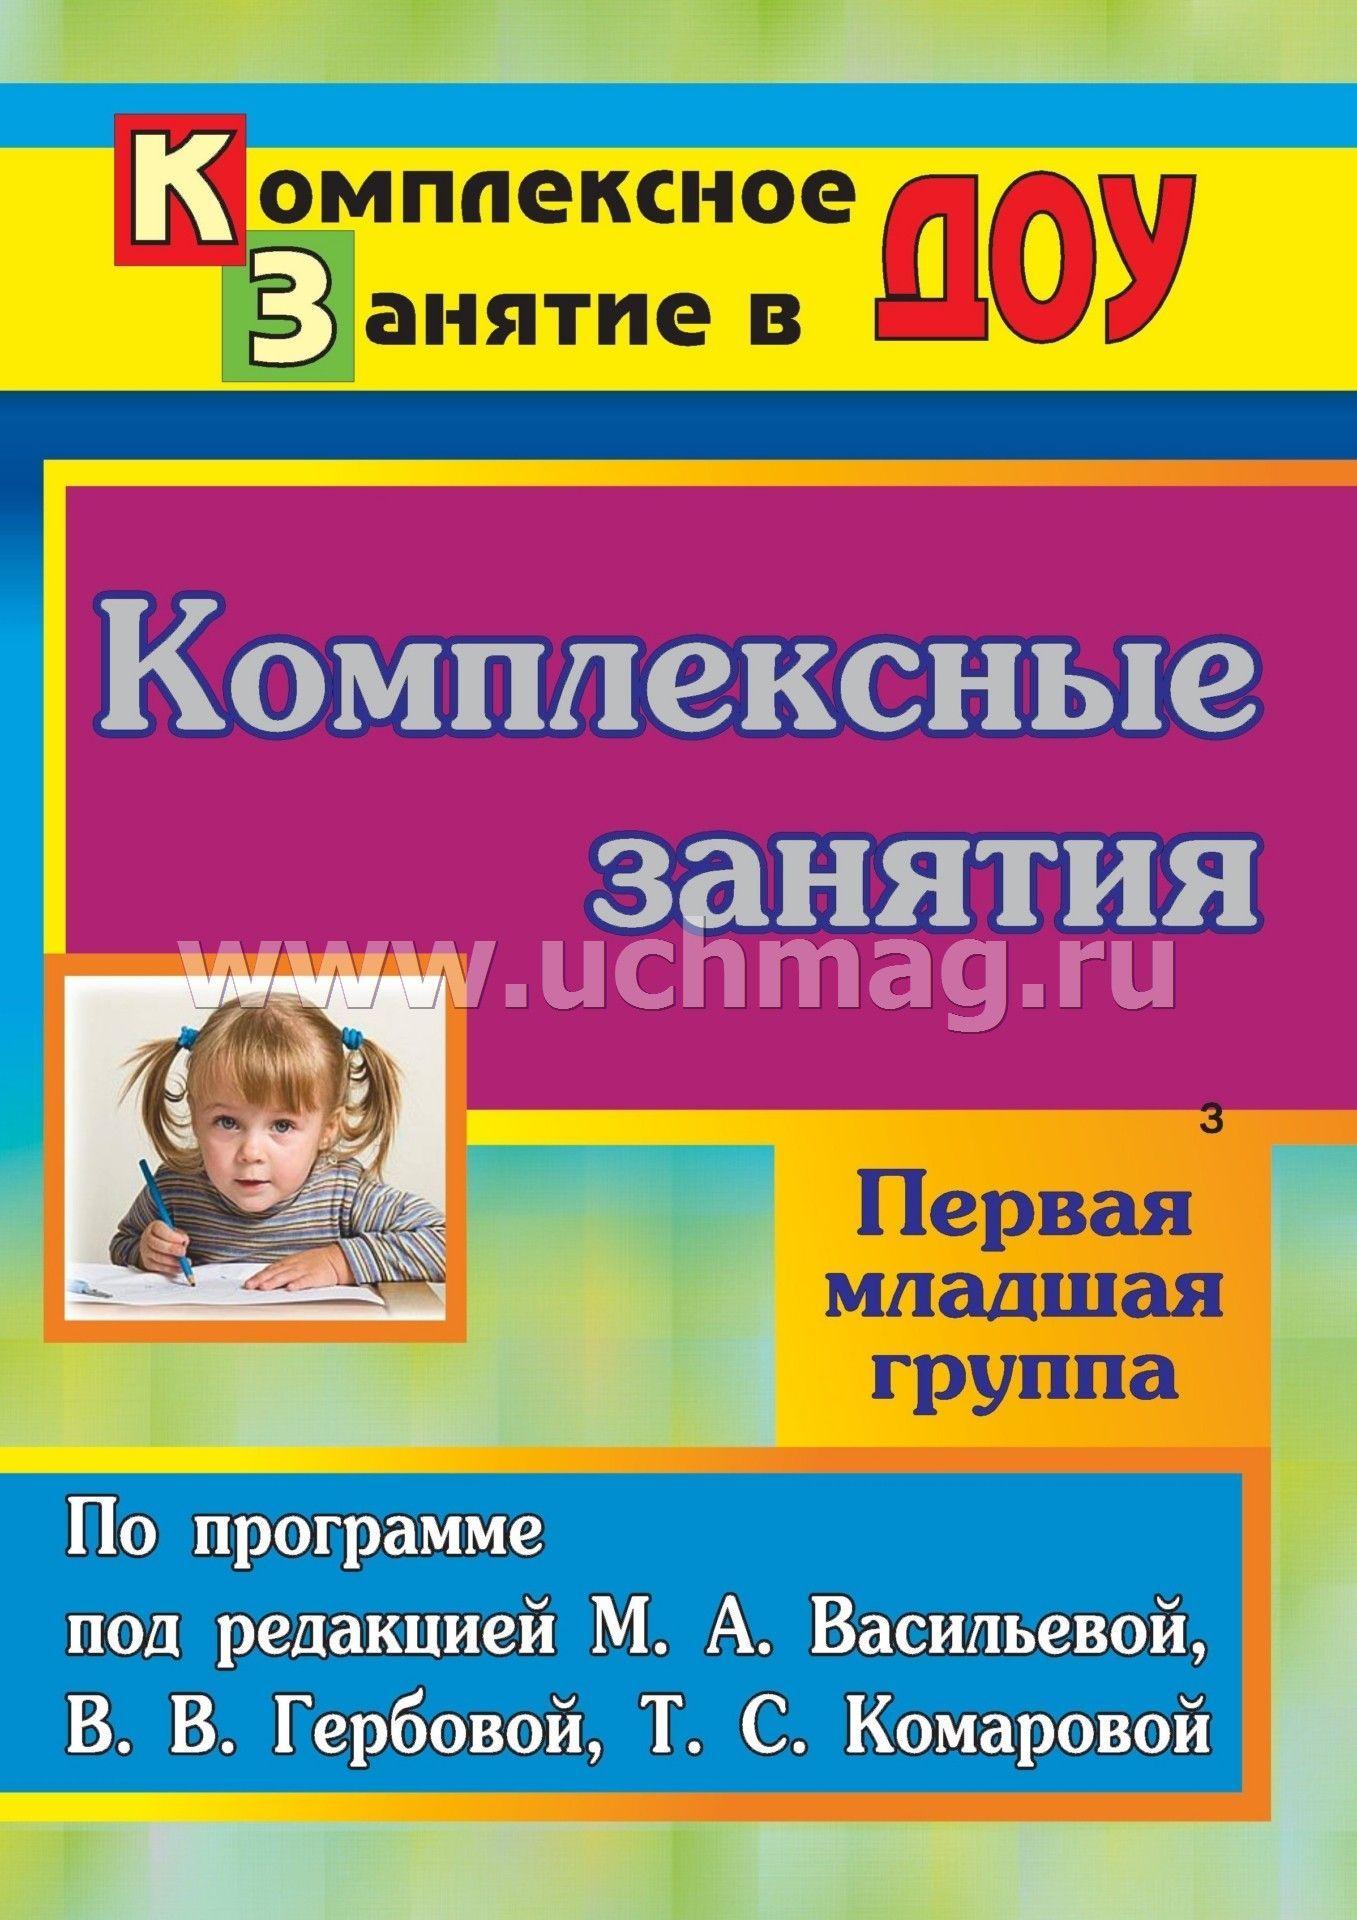 Программа воспитания и обучения в детском саду васильева гербовой скачать бесплатно изучение турецкого языка в домашних условиях